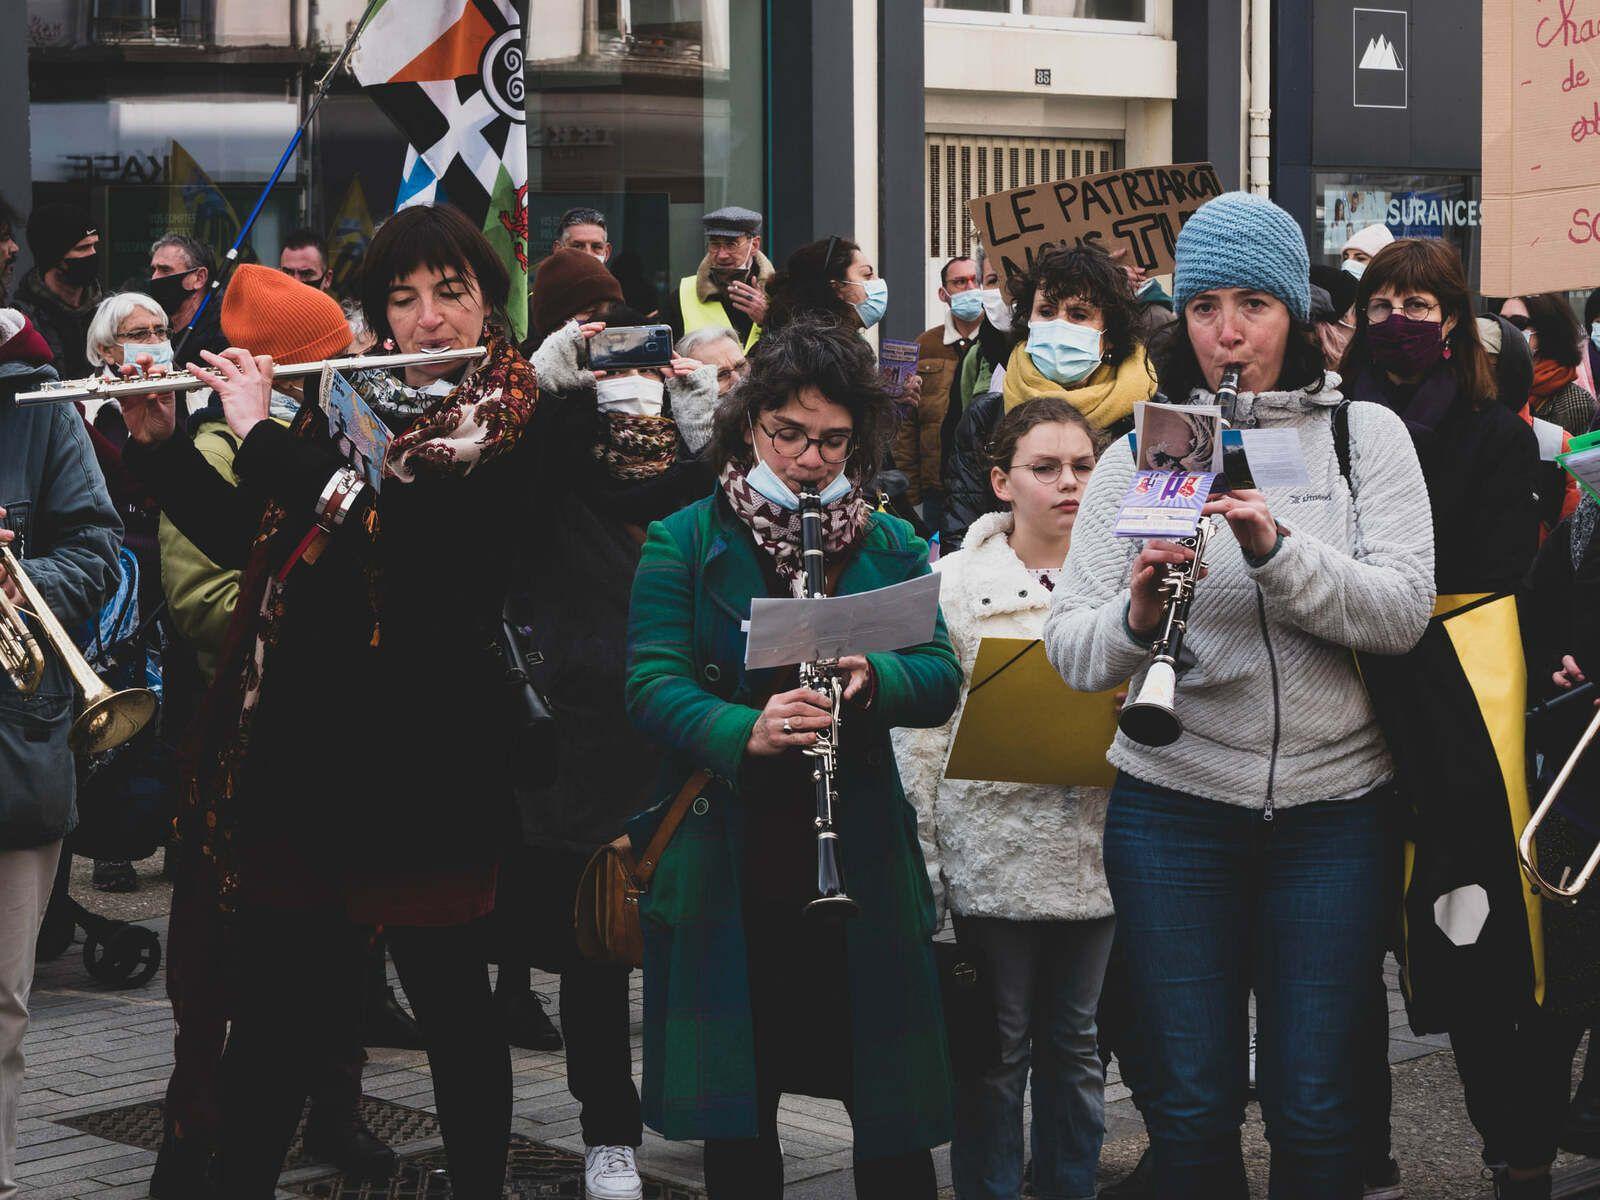 7 mars - Mobilisation pour les droits des femmes à Brest